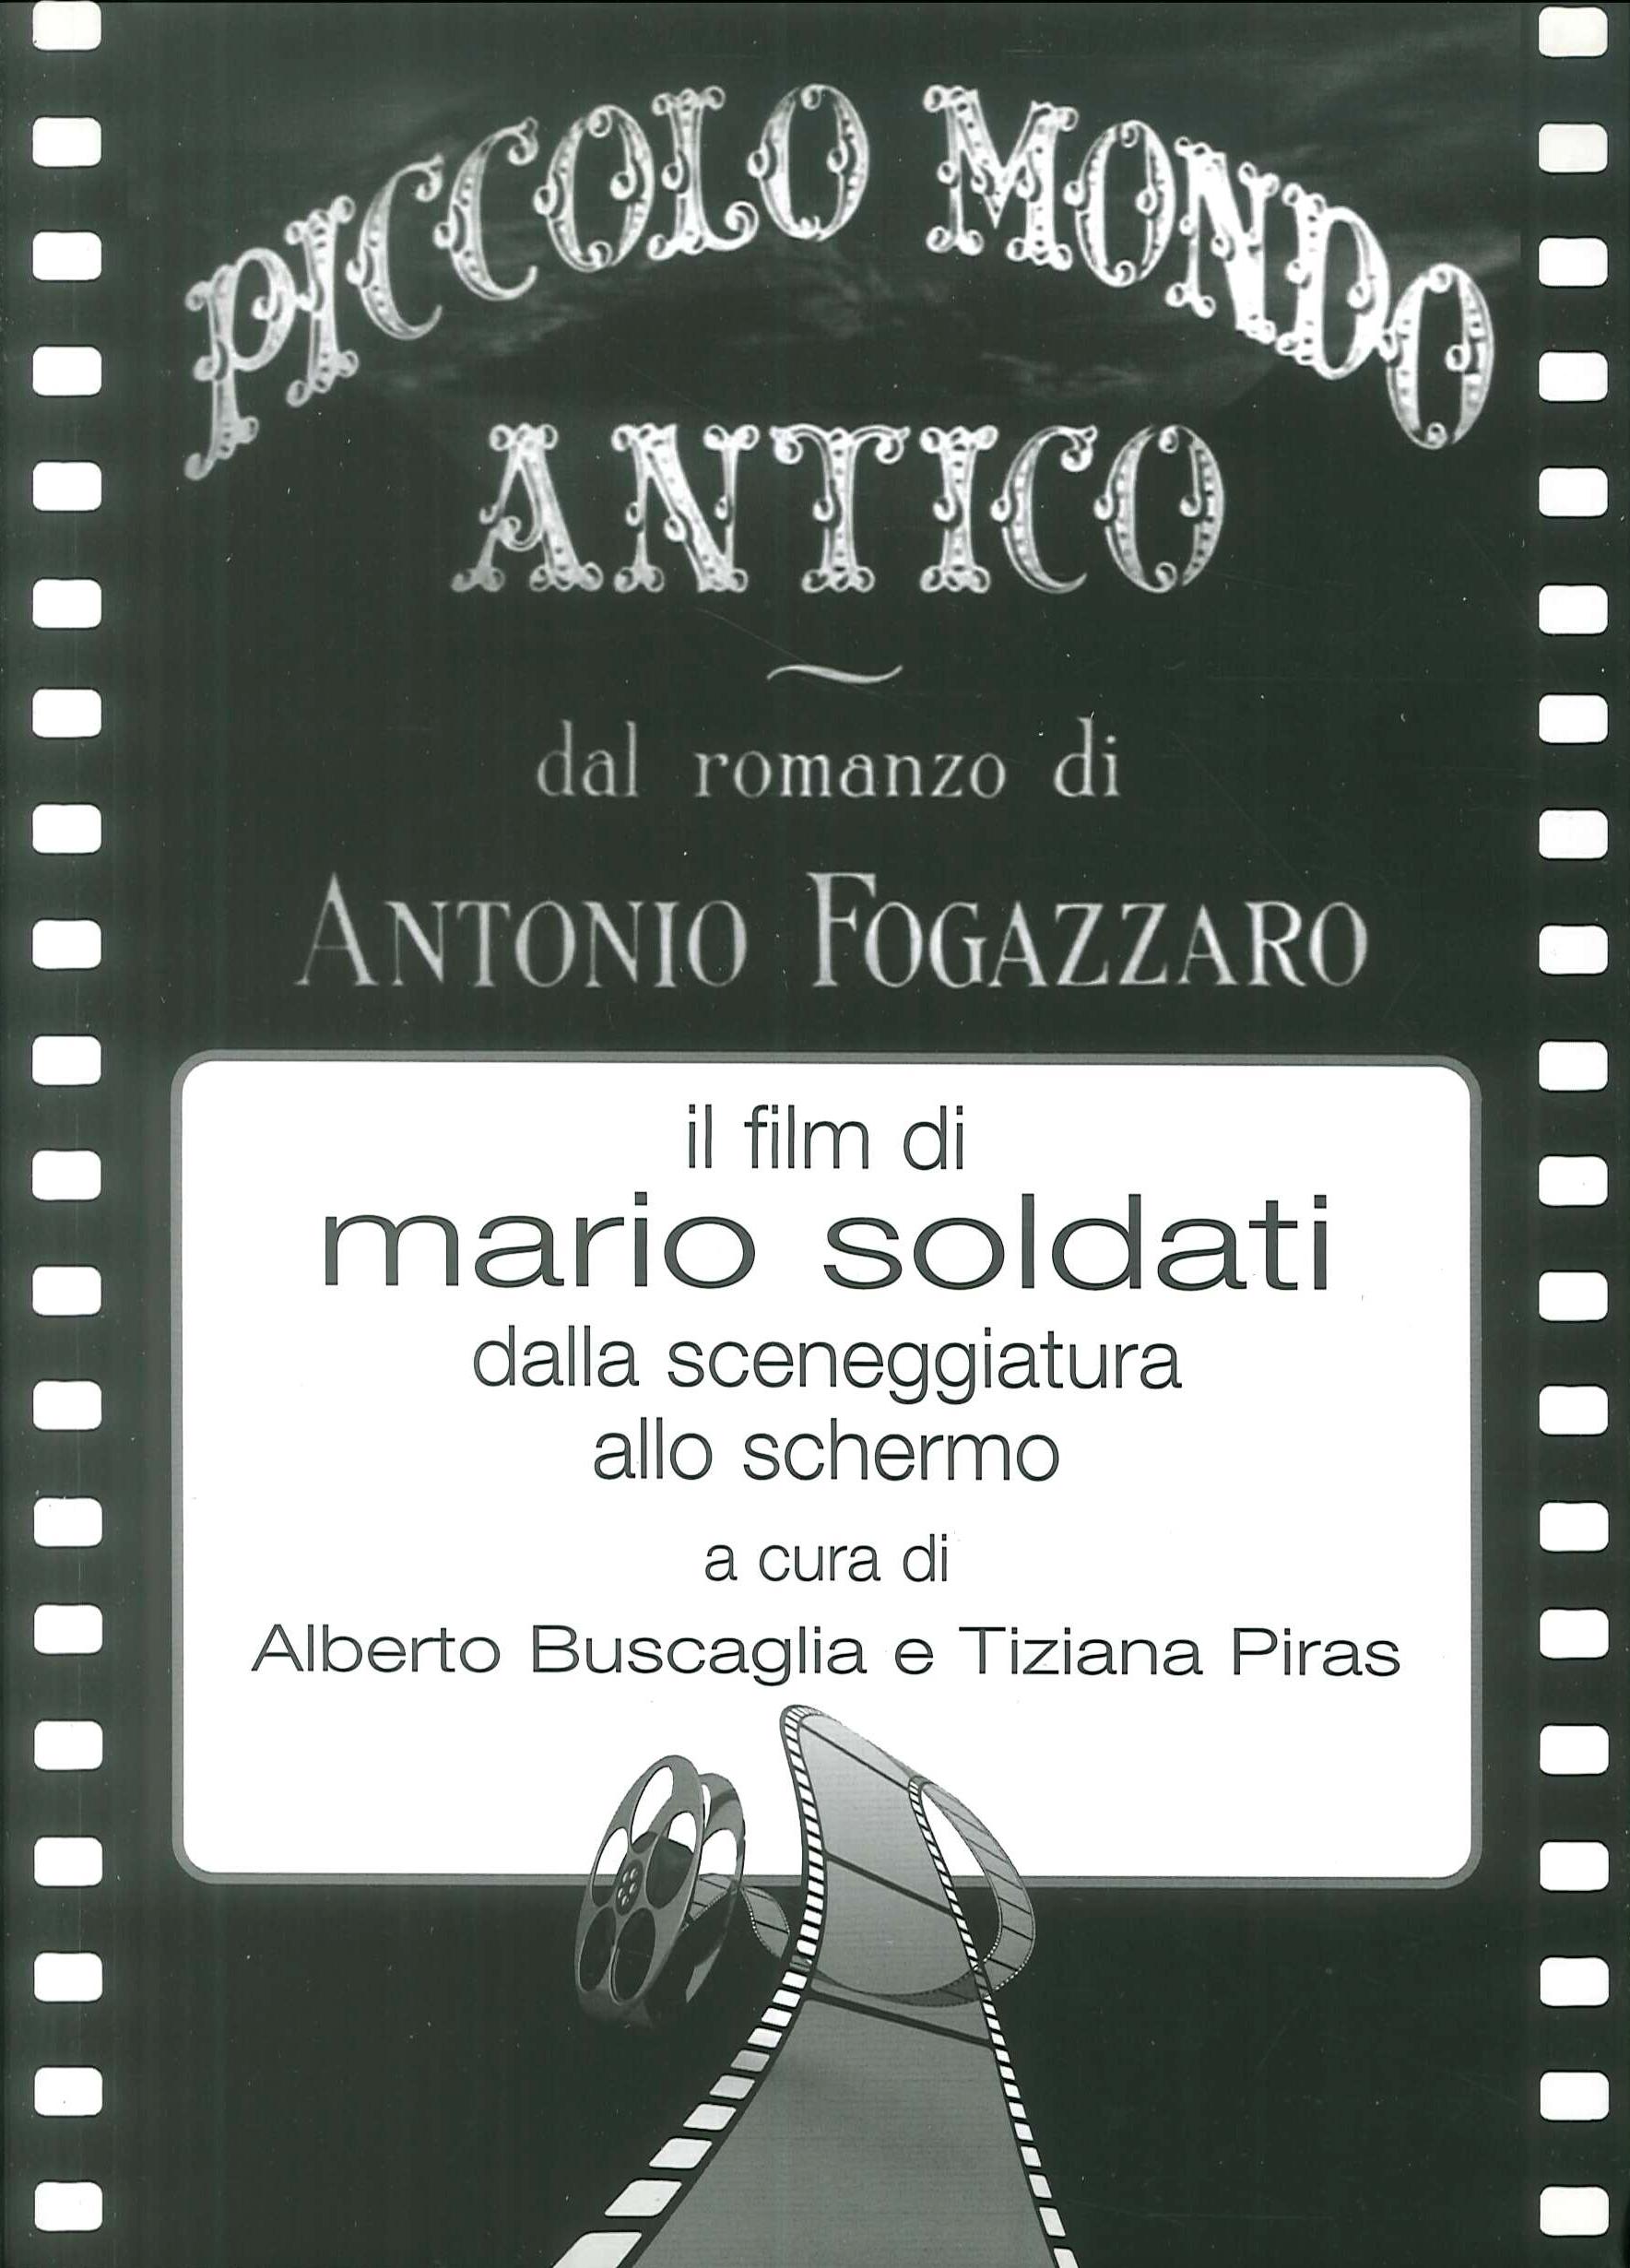 Piccolo mondo antico dal romanzo di Antonio Fogazzaro il film di Mario Soldati dalla sceneggiatura allo schermo.